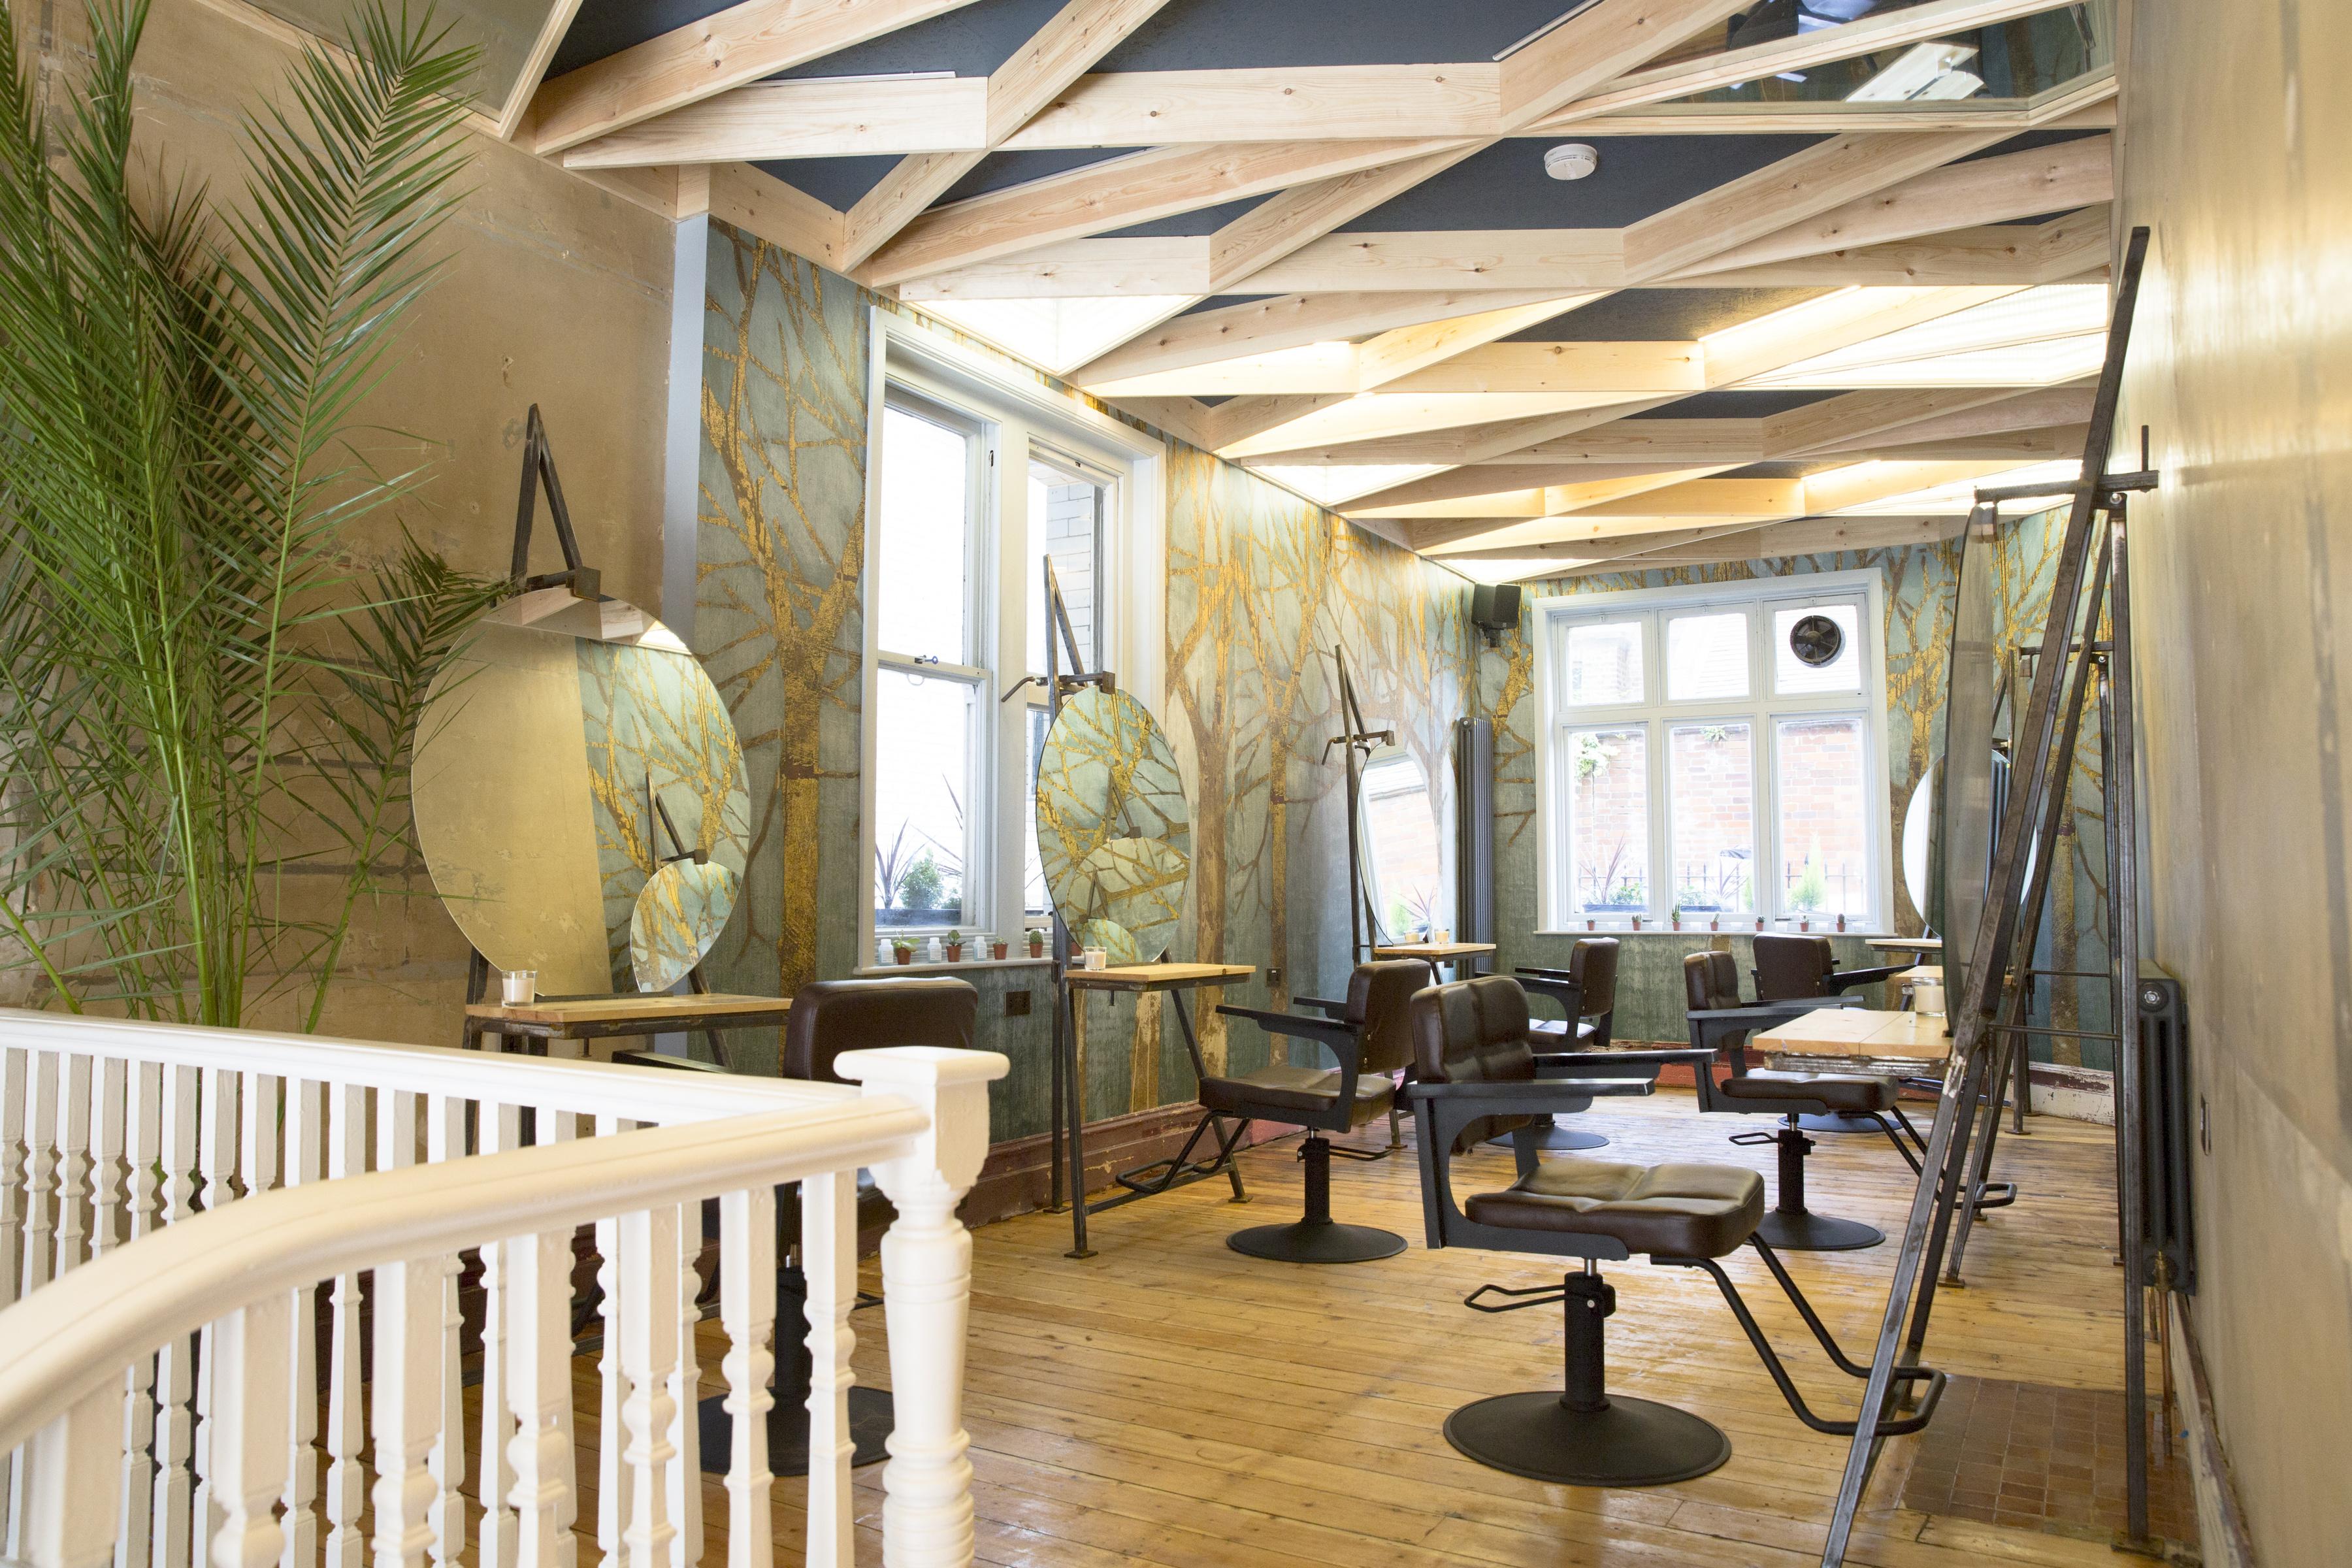 hairdressers in streatham interior